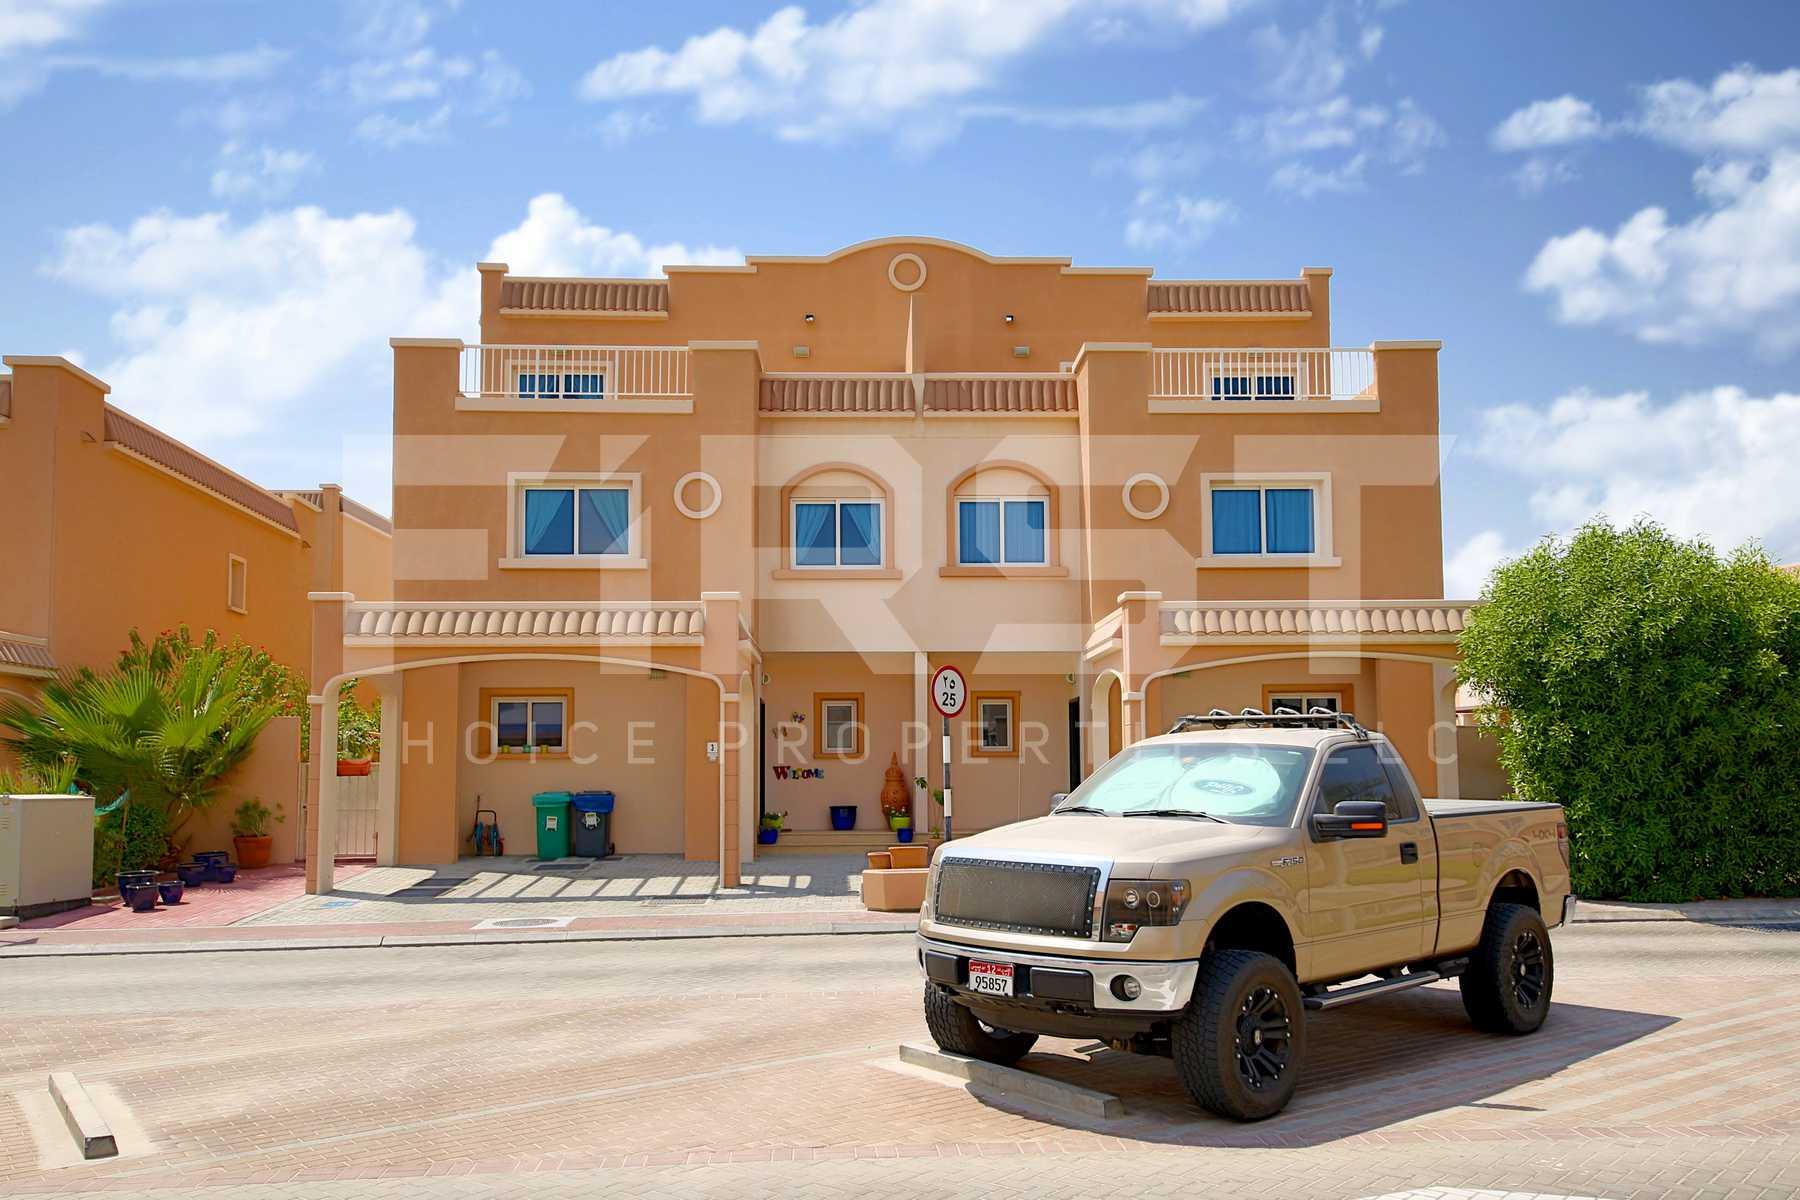 External Photo of Meditteranean Village Al Reef Villas Al Reef Abu Dhabi UAE (14).jpg